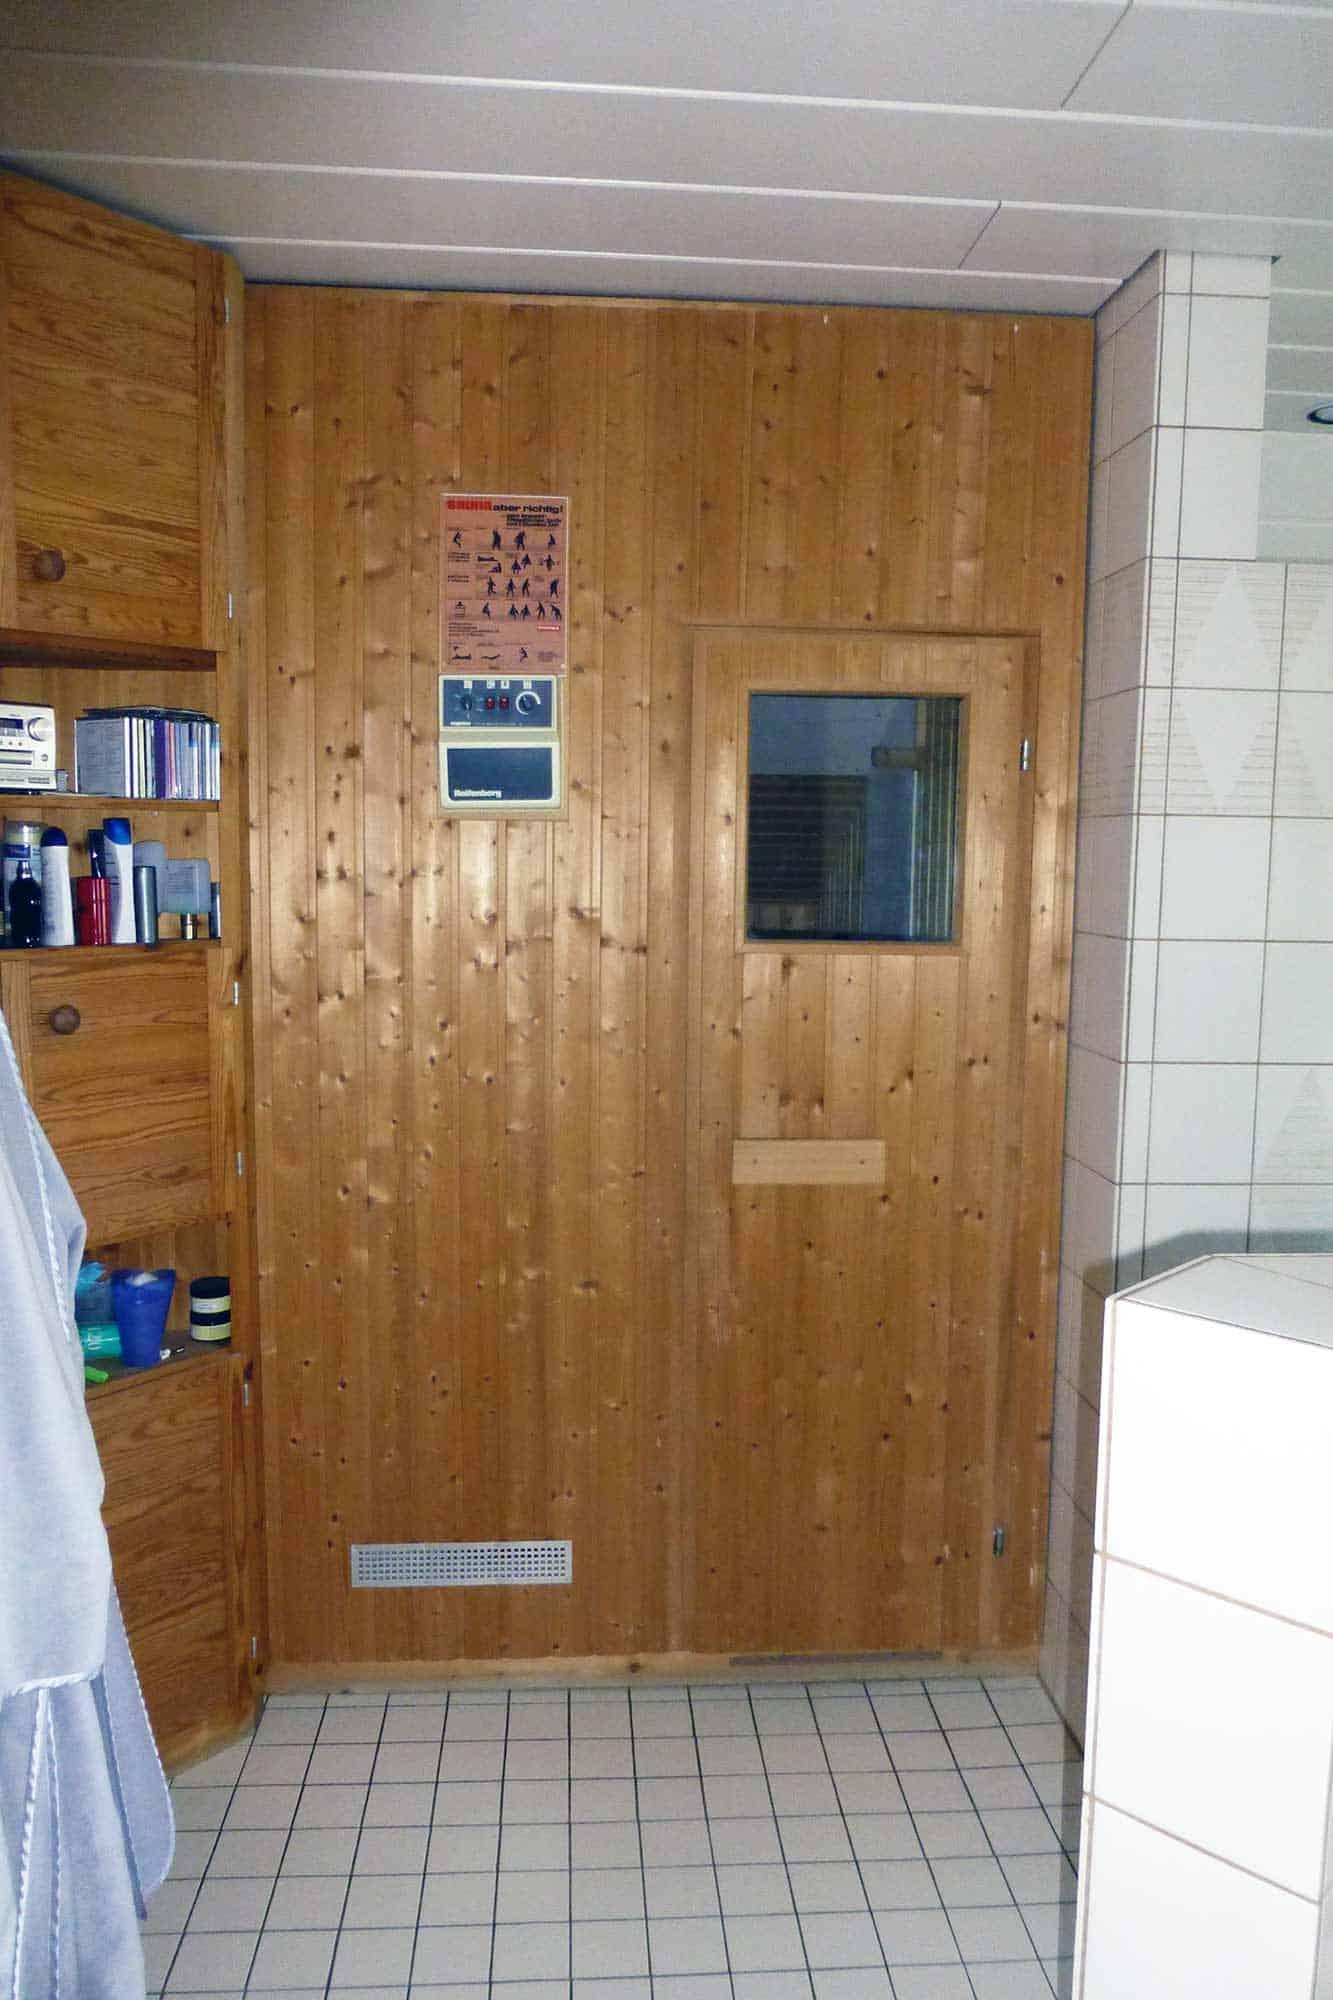 einbausauna einbausauna ziehen sie einen profi zu rate einbausauna best karibu scandic sauna. Black Bedroom Furniture Sets. Home Design Ideas